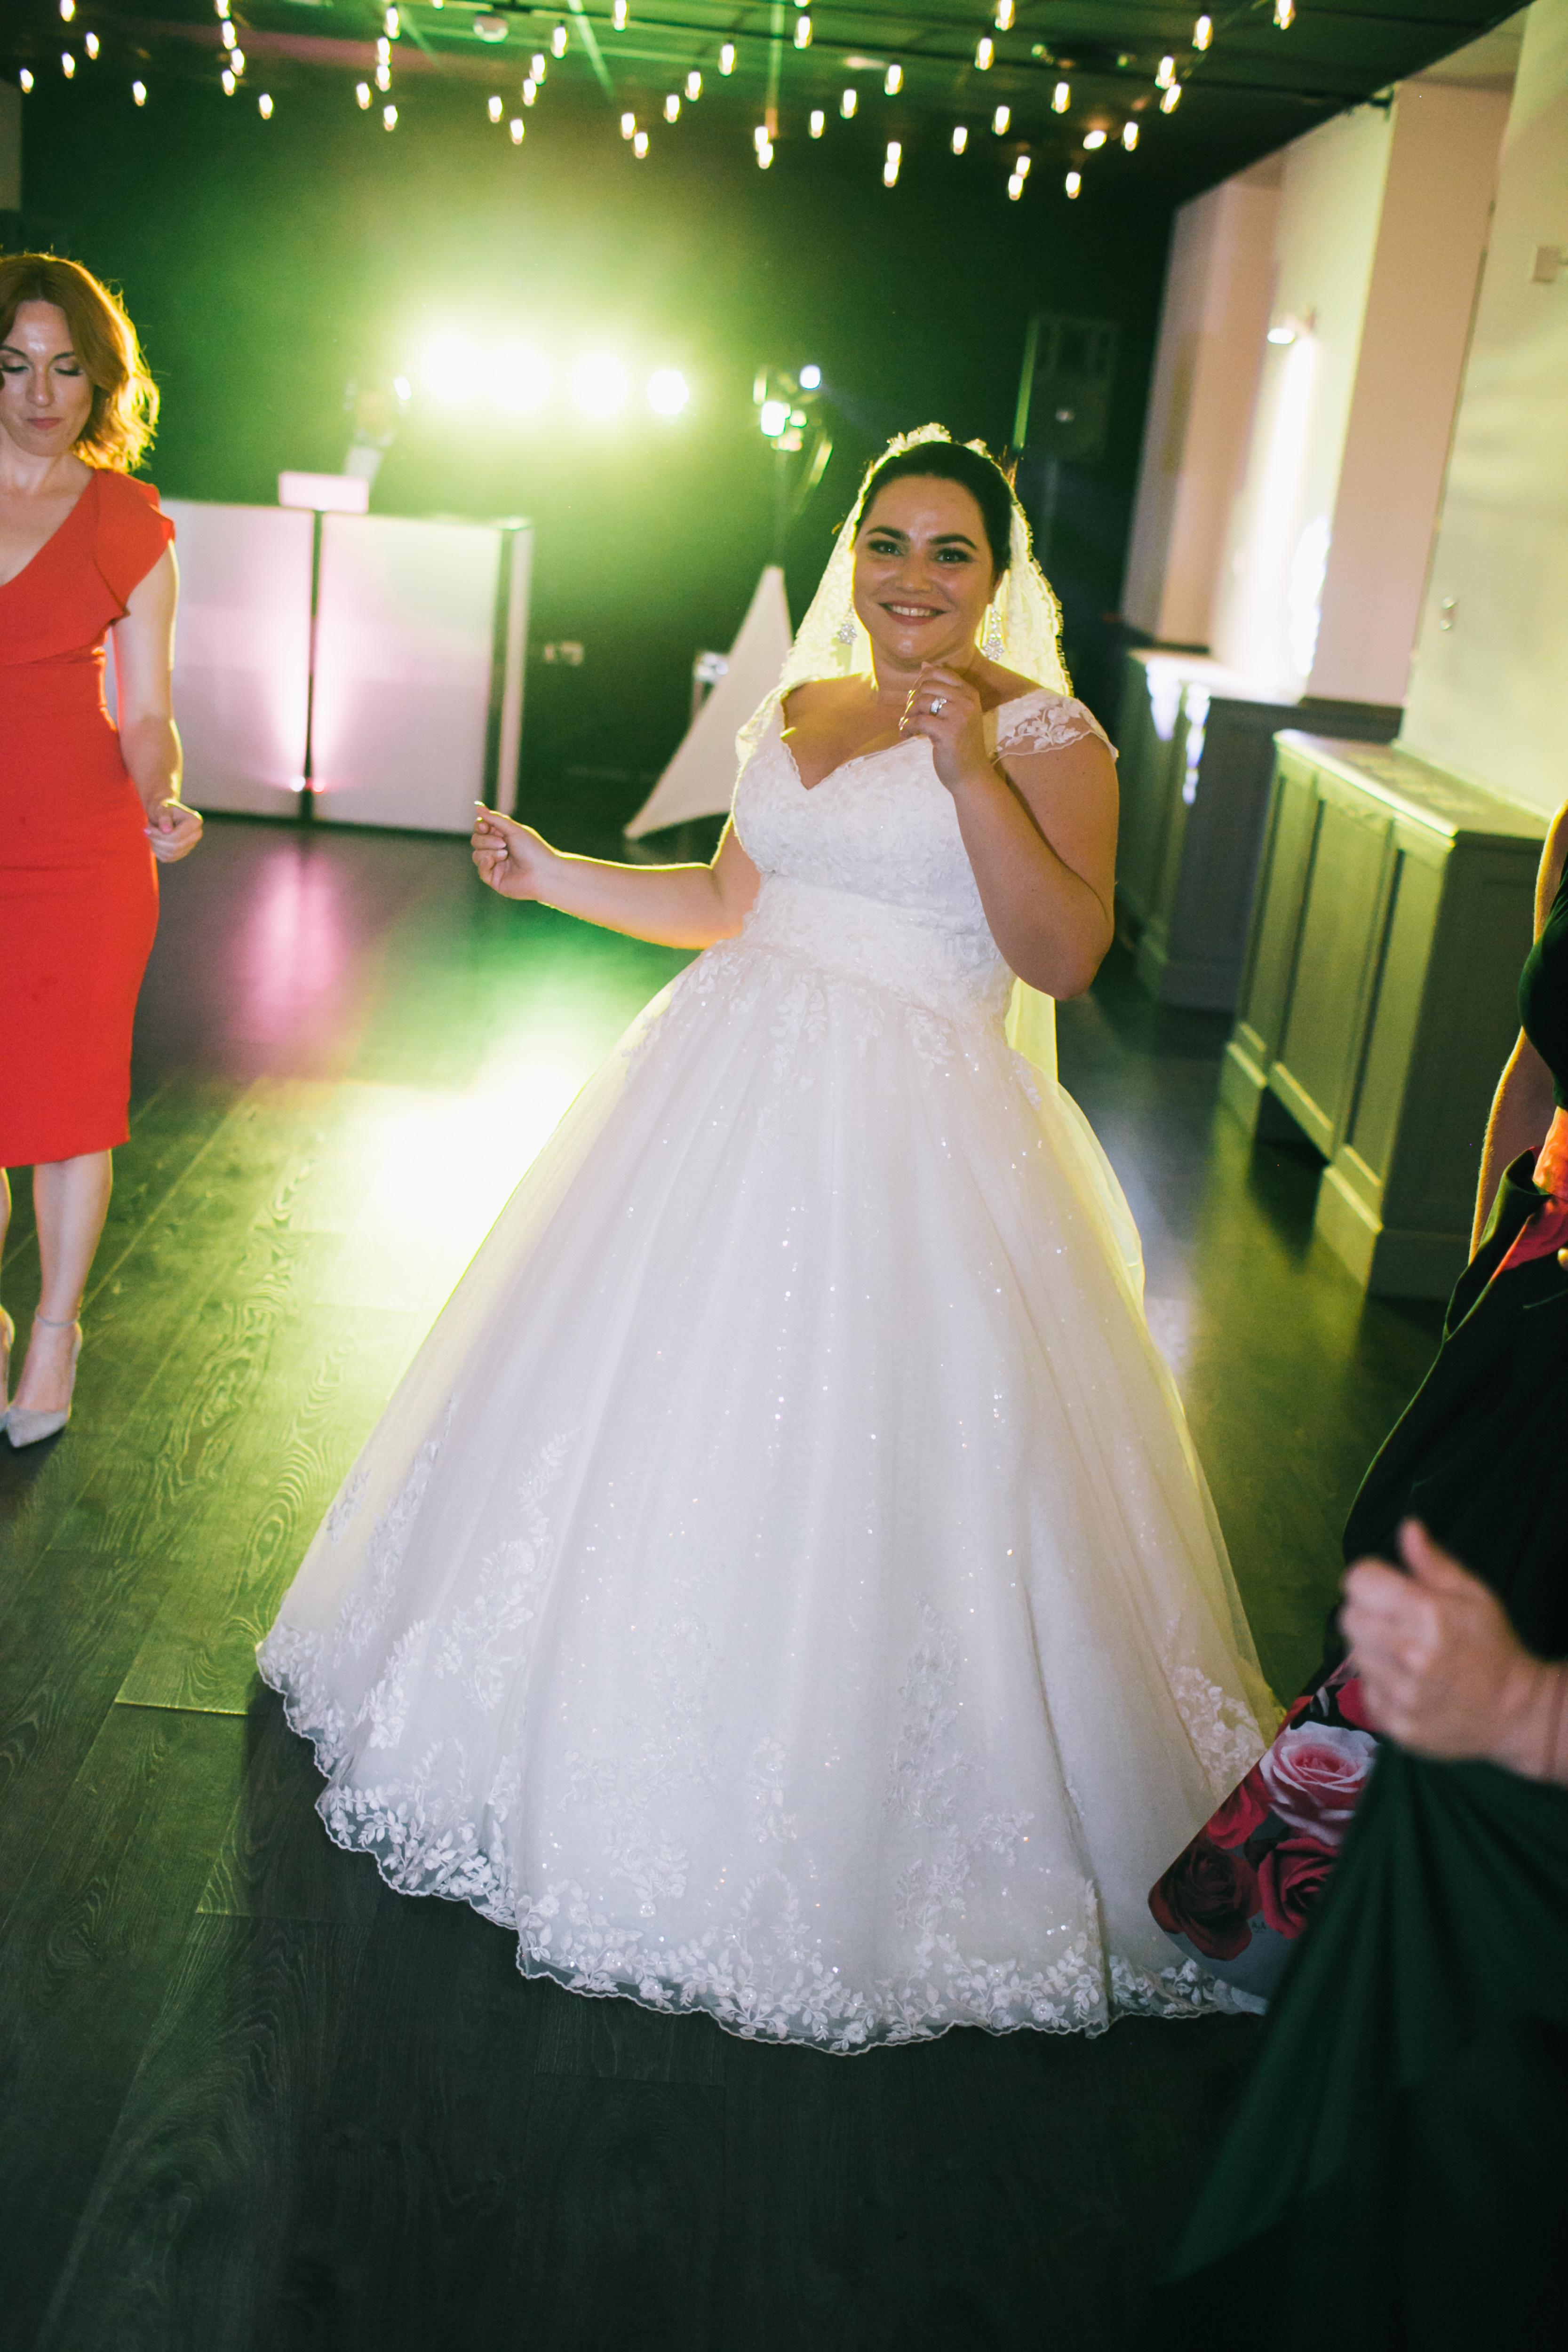 Svadba Reštaurácia Forhaus Trnava 02, #svadobnyDJ, #svadba, #Forhaus